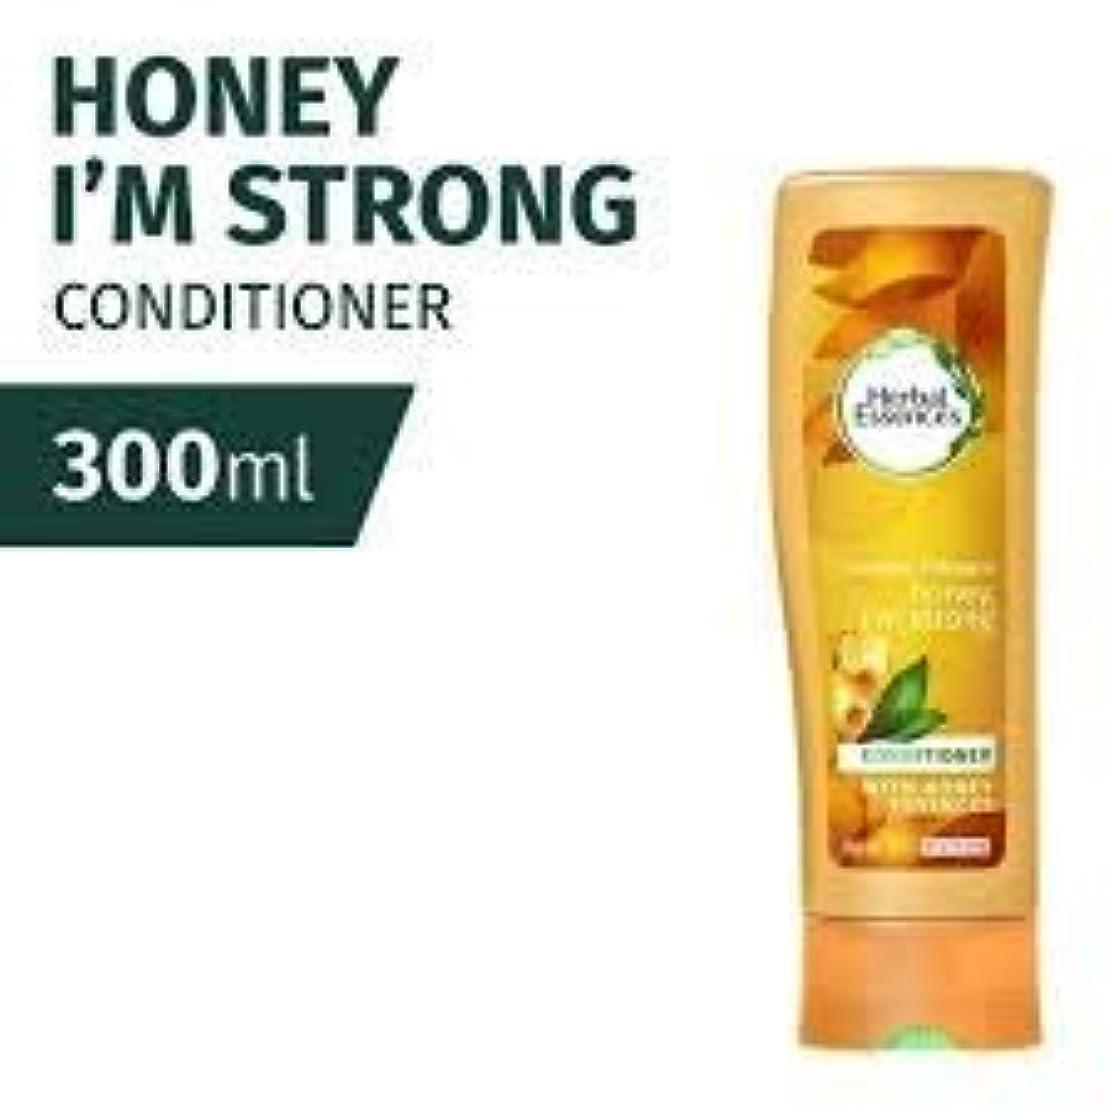 負有料稼ぐCLAIROL HERBAL ESSENCES ハニーは、私は強いコンディショナー300ミリリットルのだ - それを甘いパワーを与えて、蜂蜜の風味が豊かでクリーミーな風味は保湿が髪を修復混合して